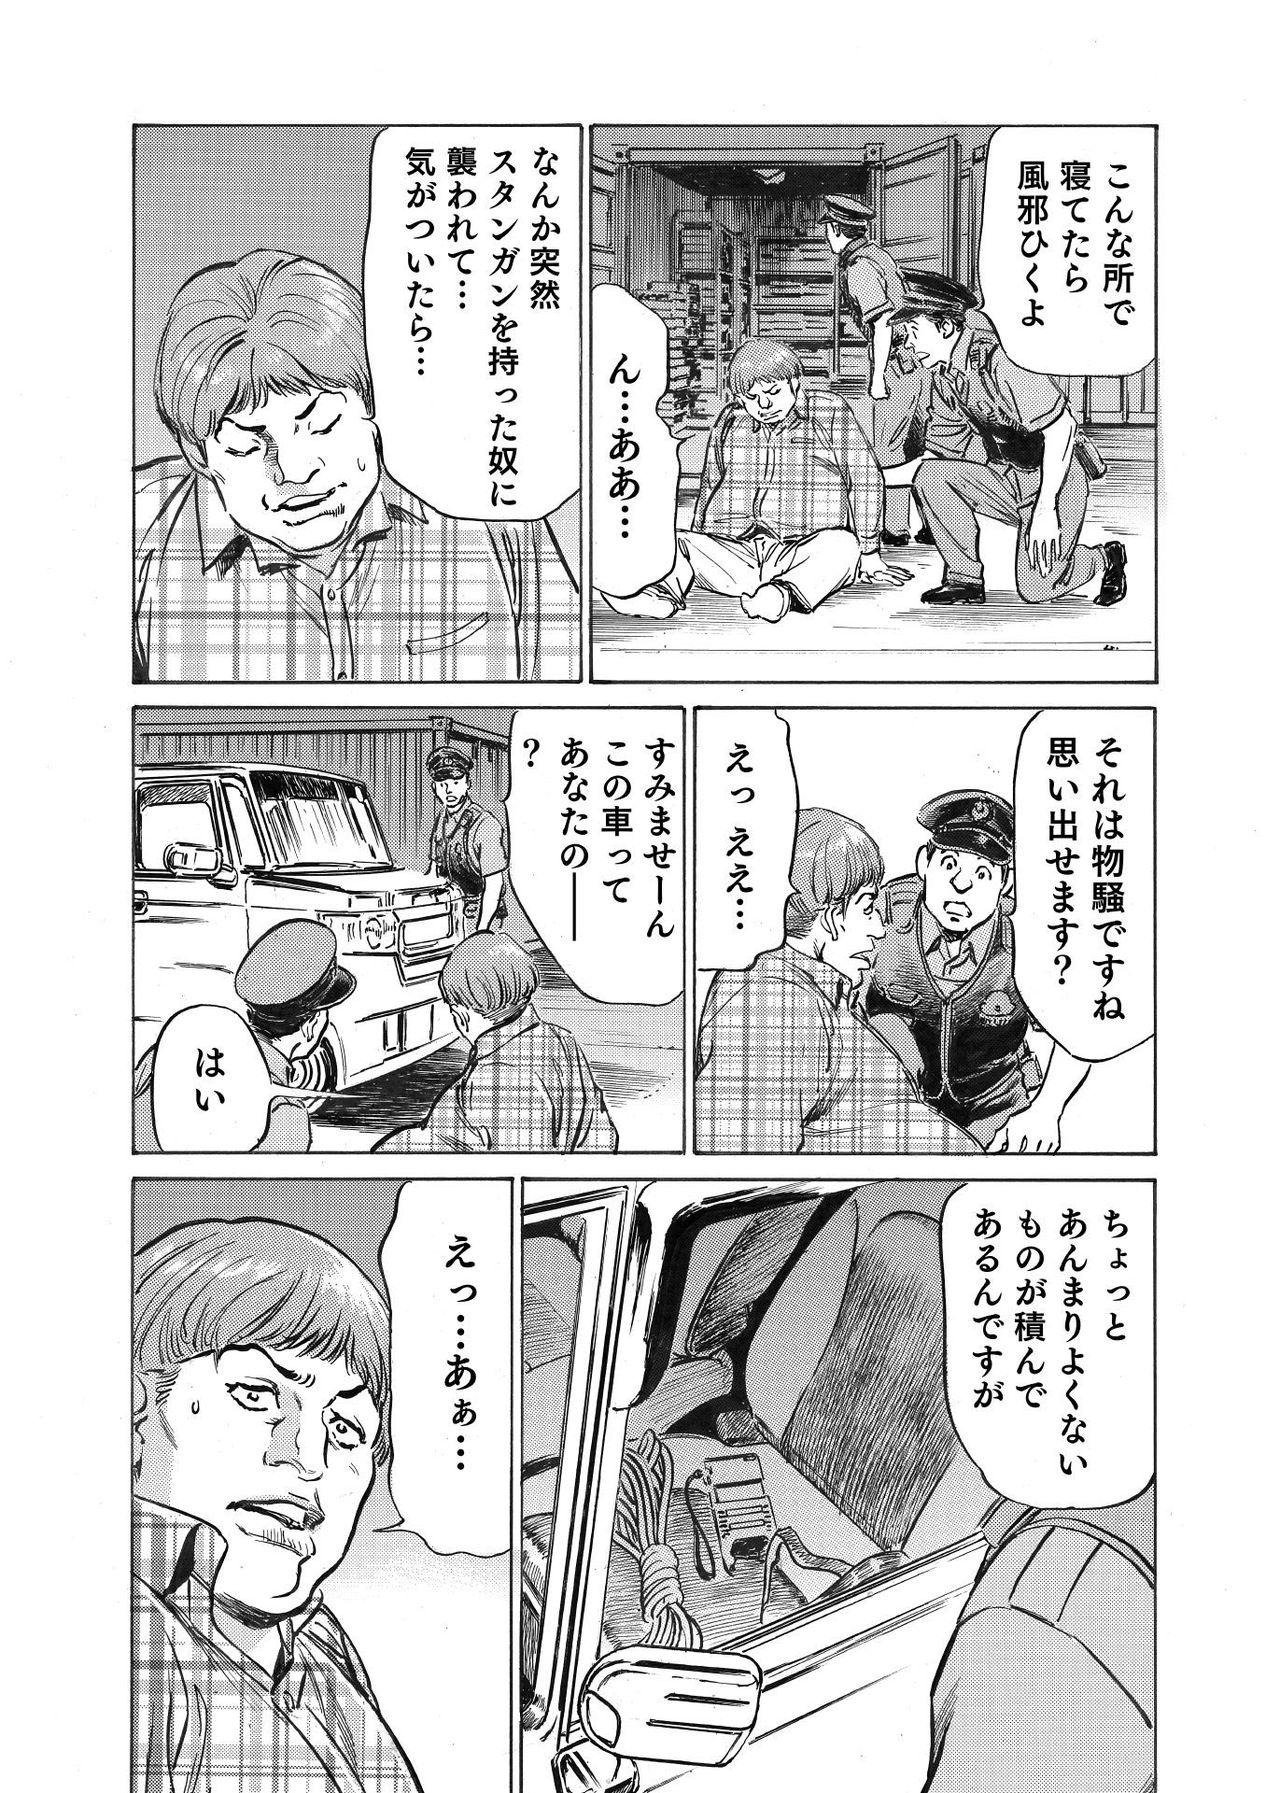 Ore wa Tsuma no Koto o Yoku Shiranai 1-9 68